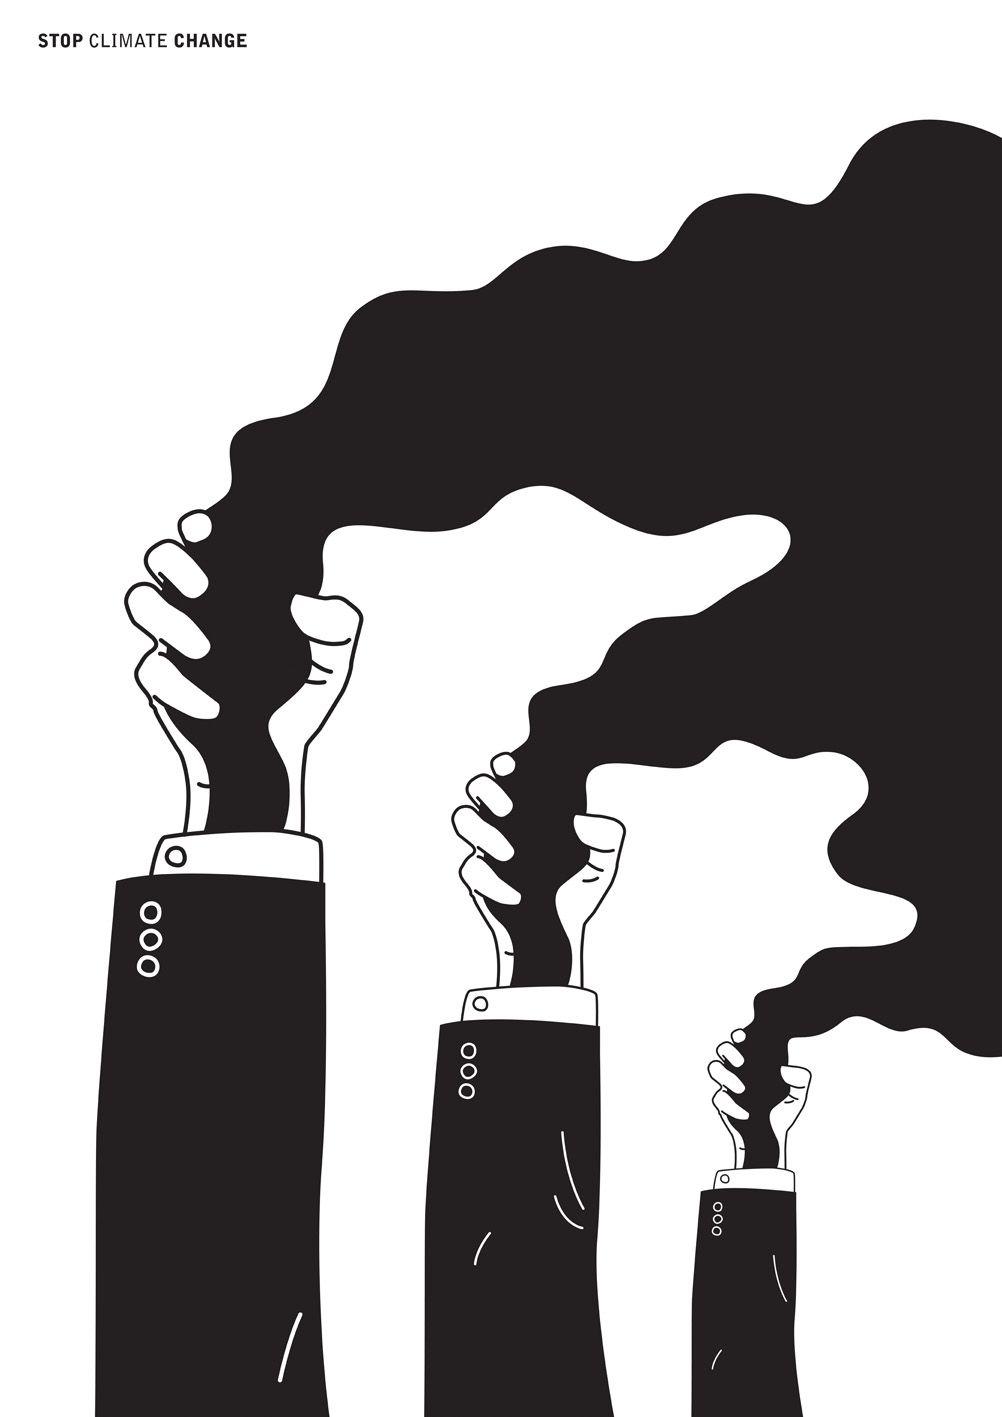 Stop Climate Change poster by Michał Sęk.